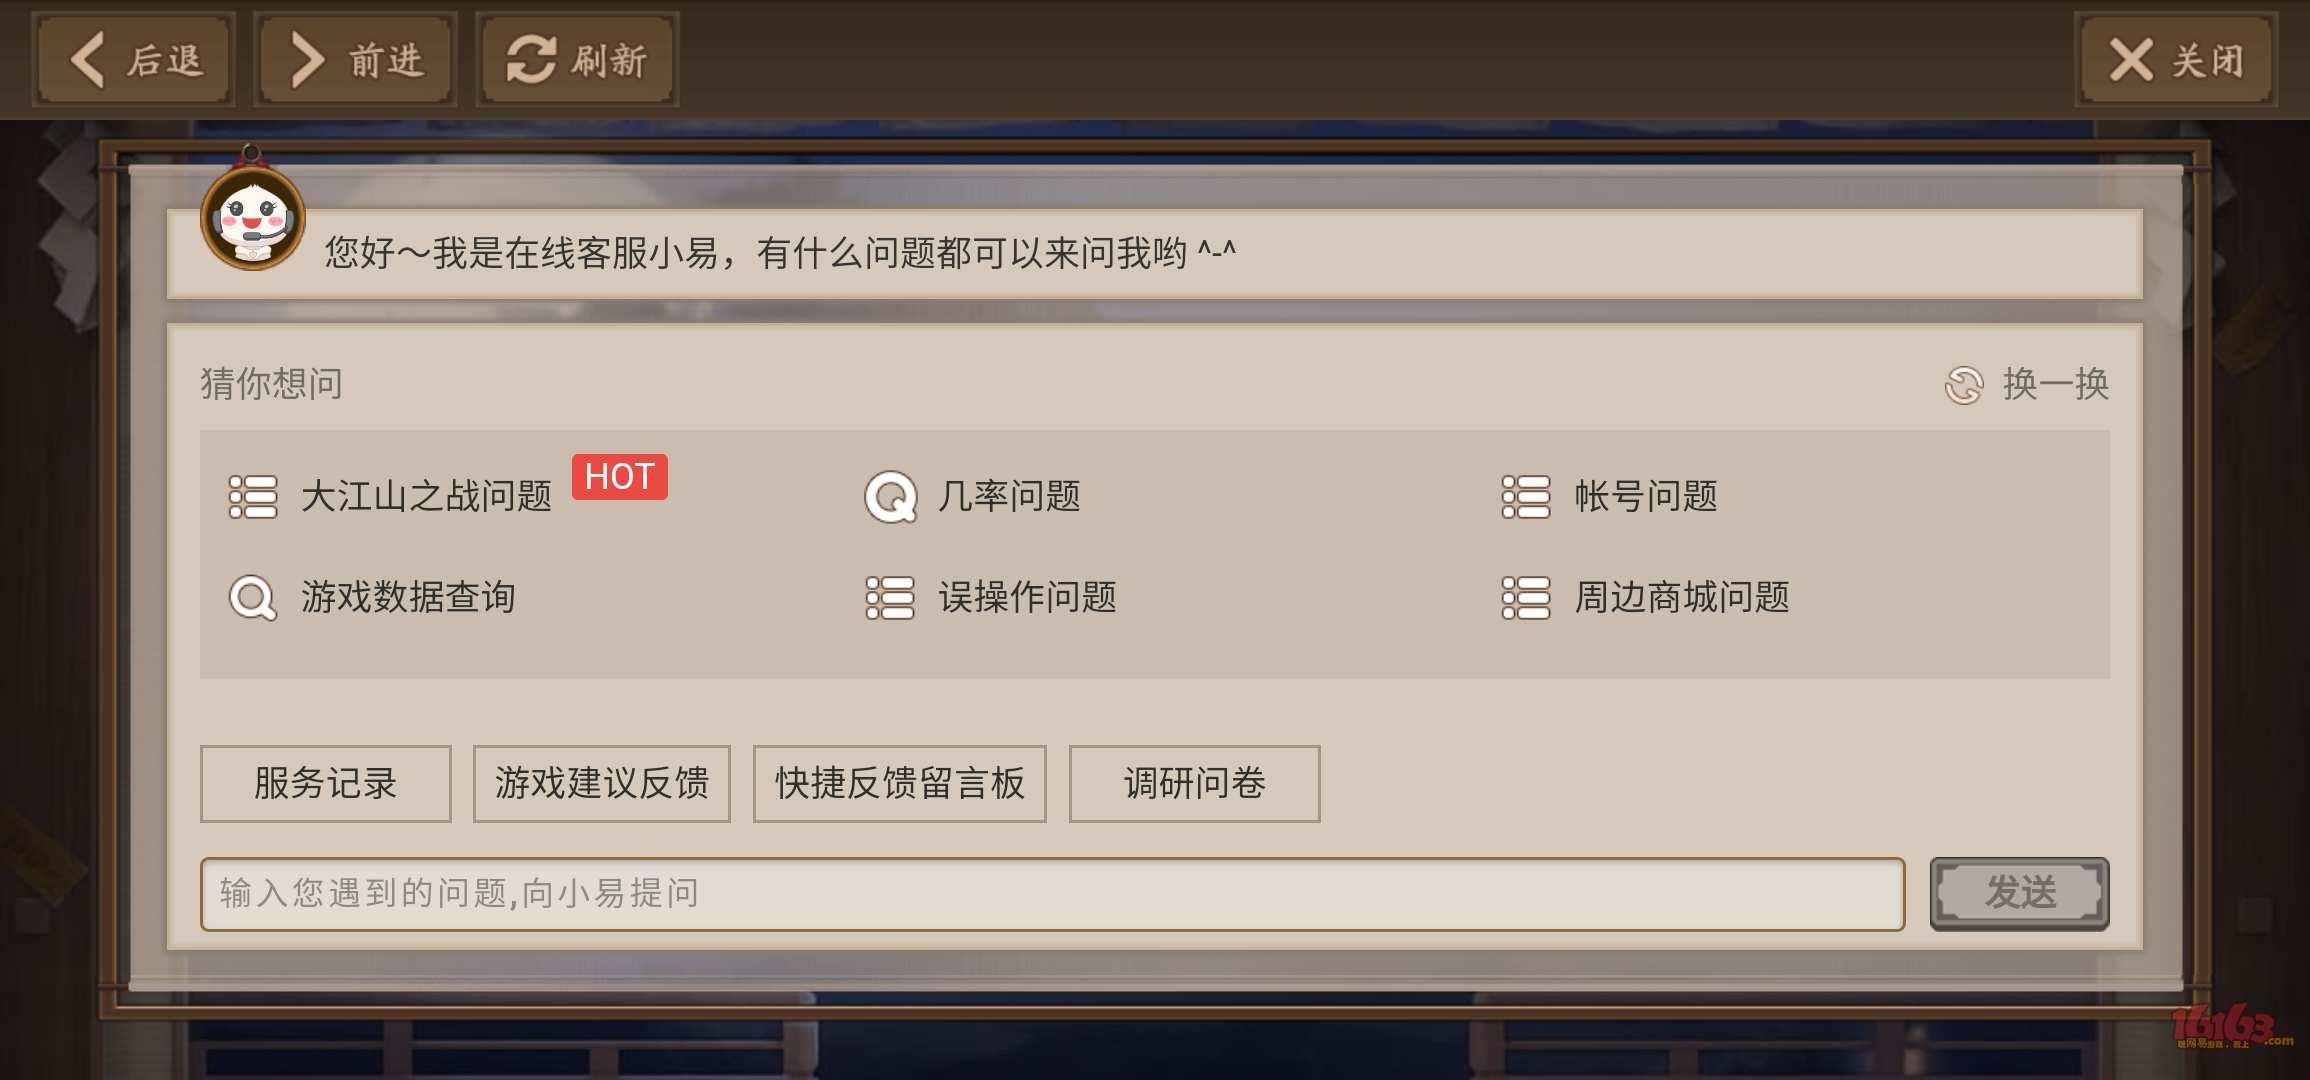 Screenshot_20191105_105000_com.netease.onmyoji.jpg